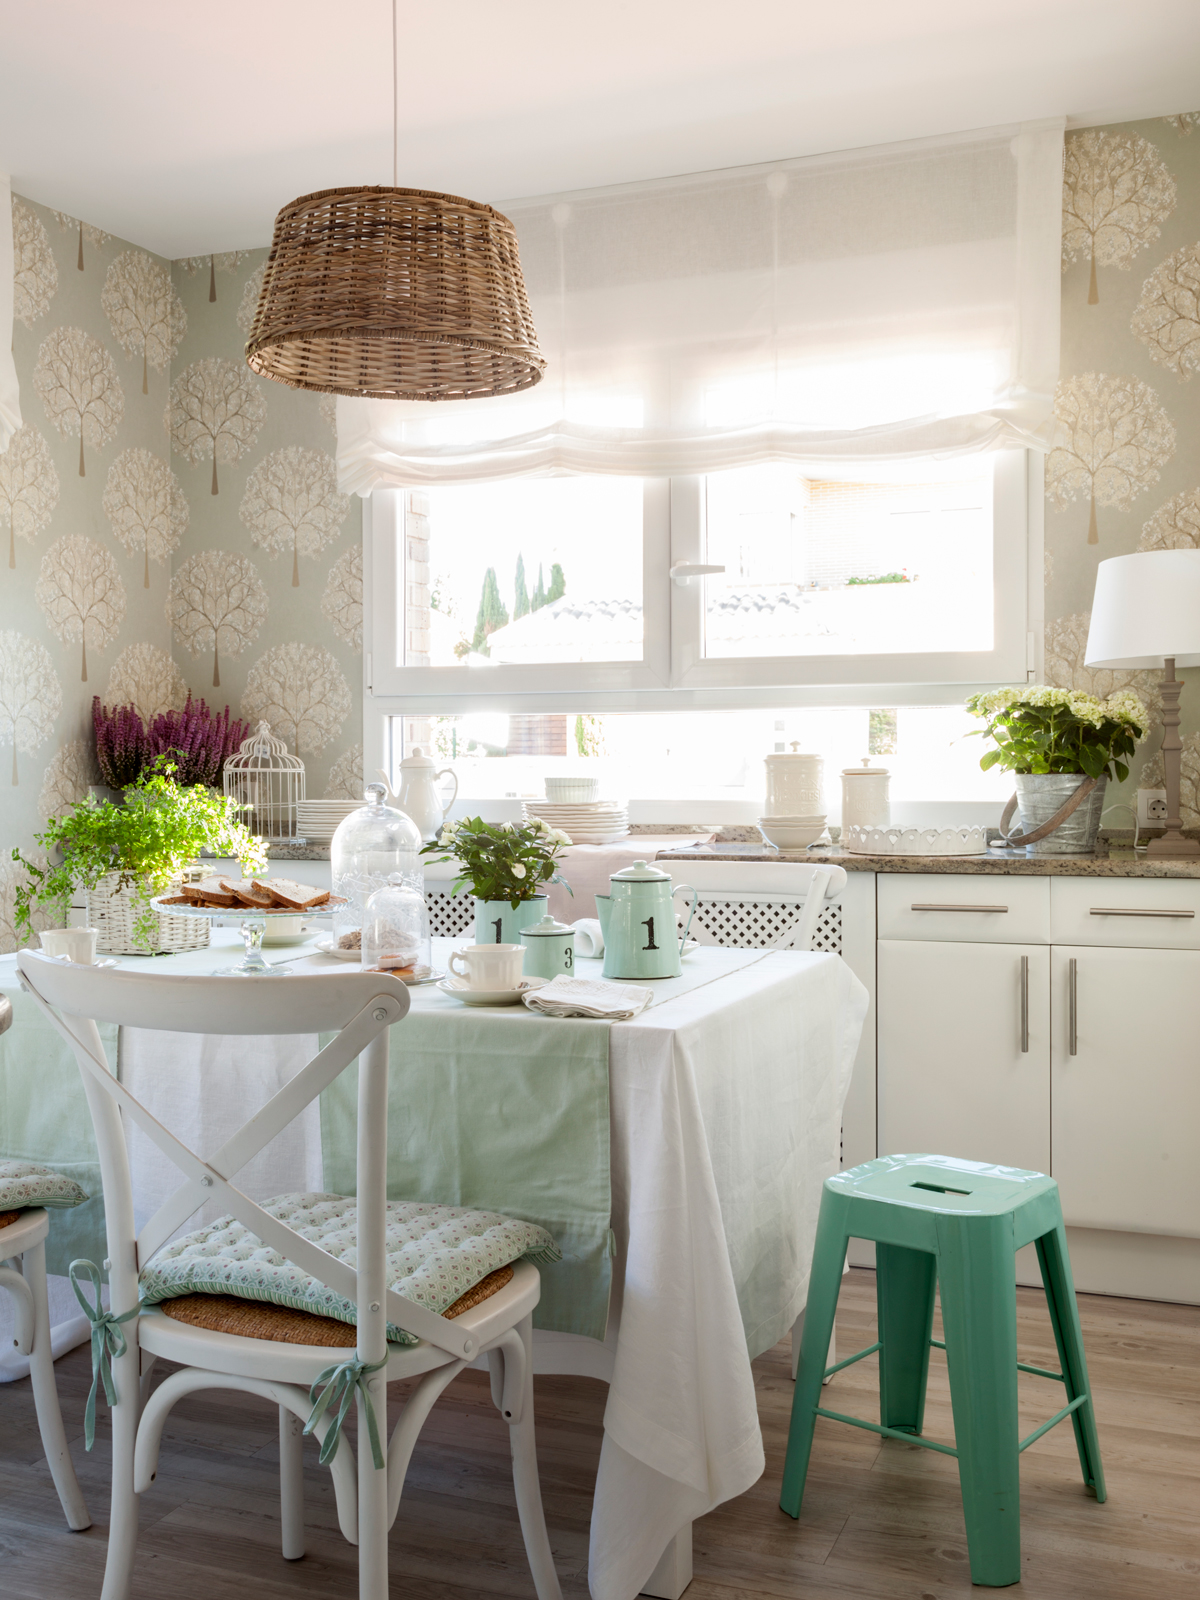 Dale color a tu cocina blanca - Papel vinilico para cocinas ...